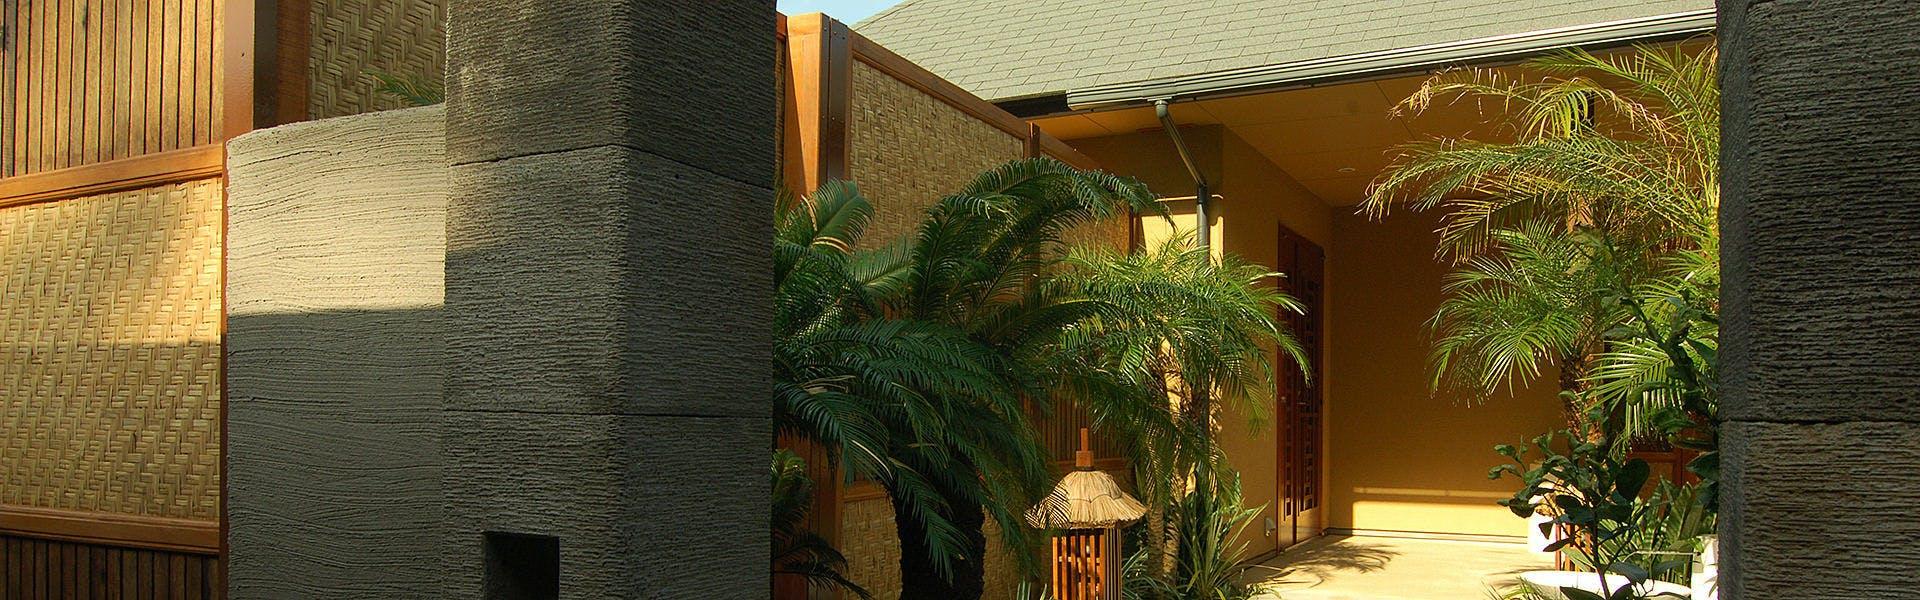 記念日におすすめのホテル・鴨川館別邸 ラ・松廬の写真2